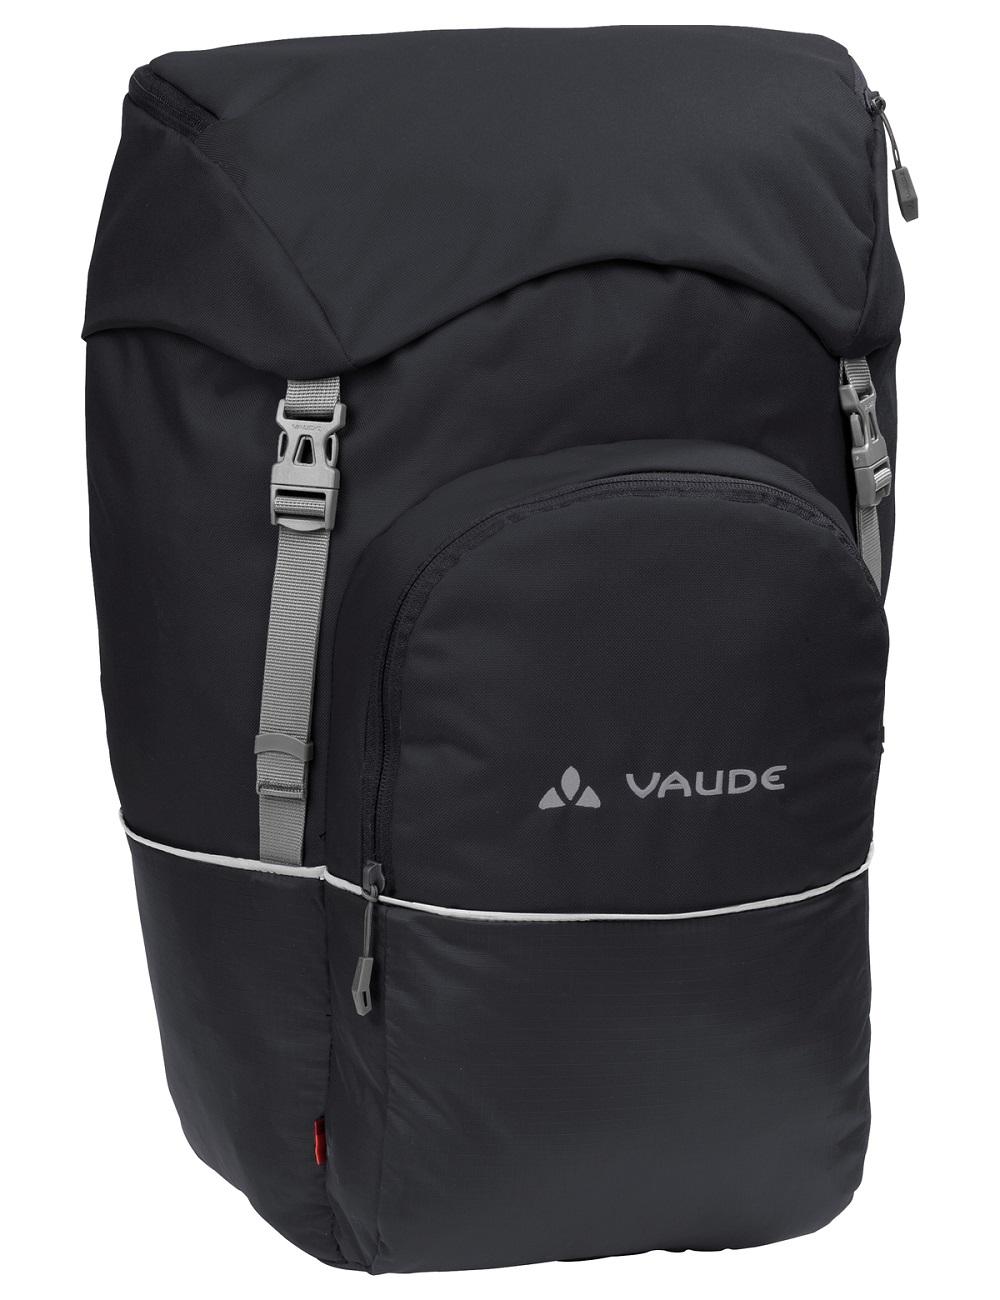 VAUDE Road Master Back 50